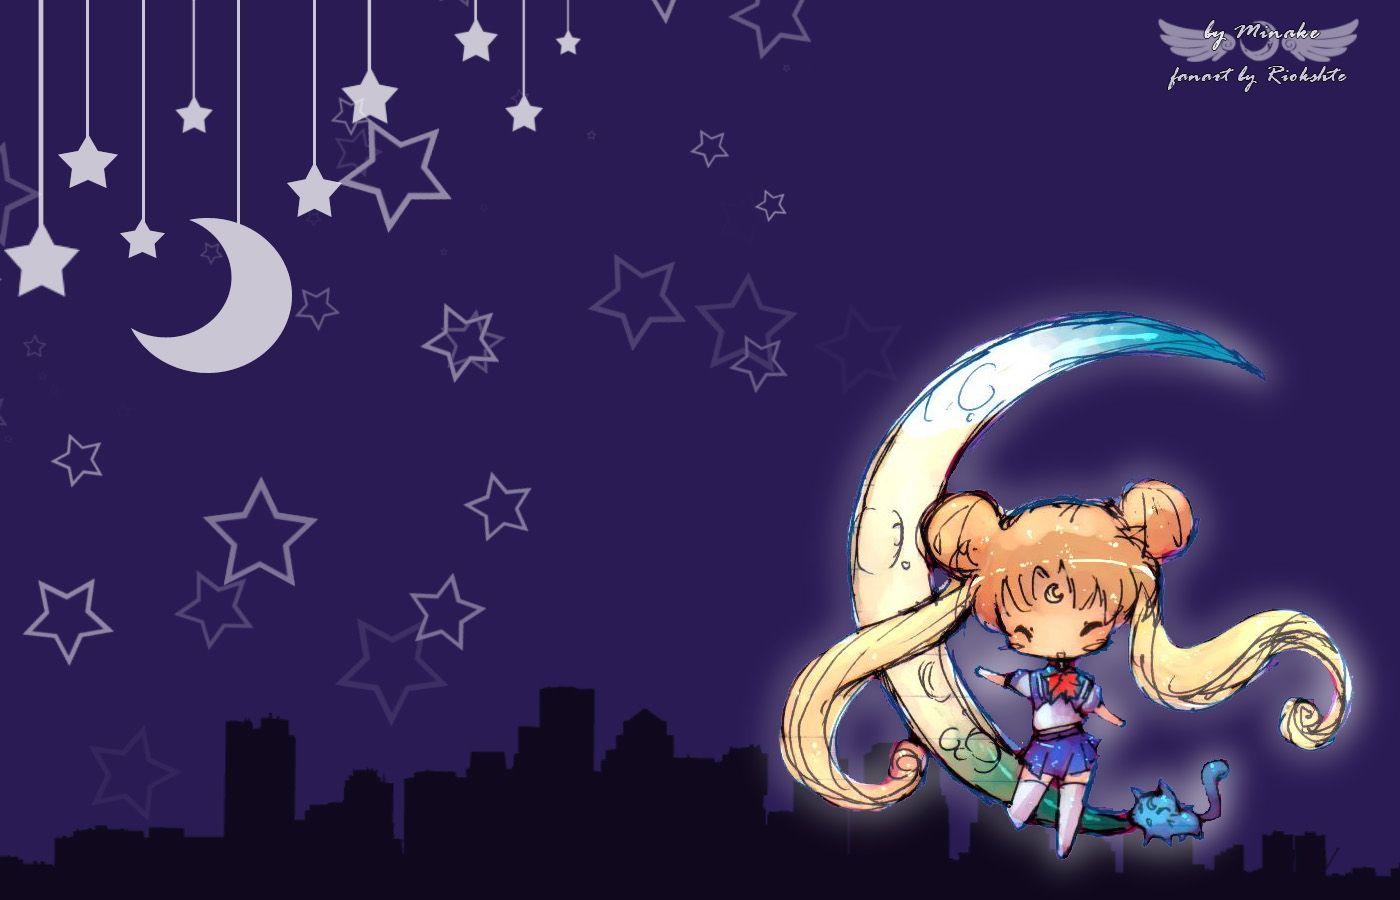 View Large Sailor Moon Chibi Wallpaper Sailor Moon Wallpaper Chibi Wallpaper Sailor Moon Aesthetic